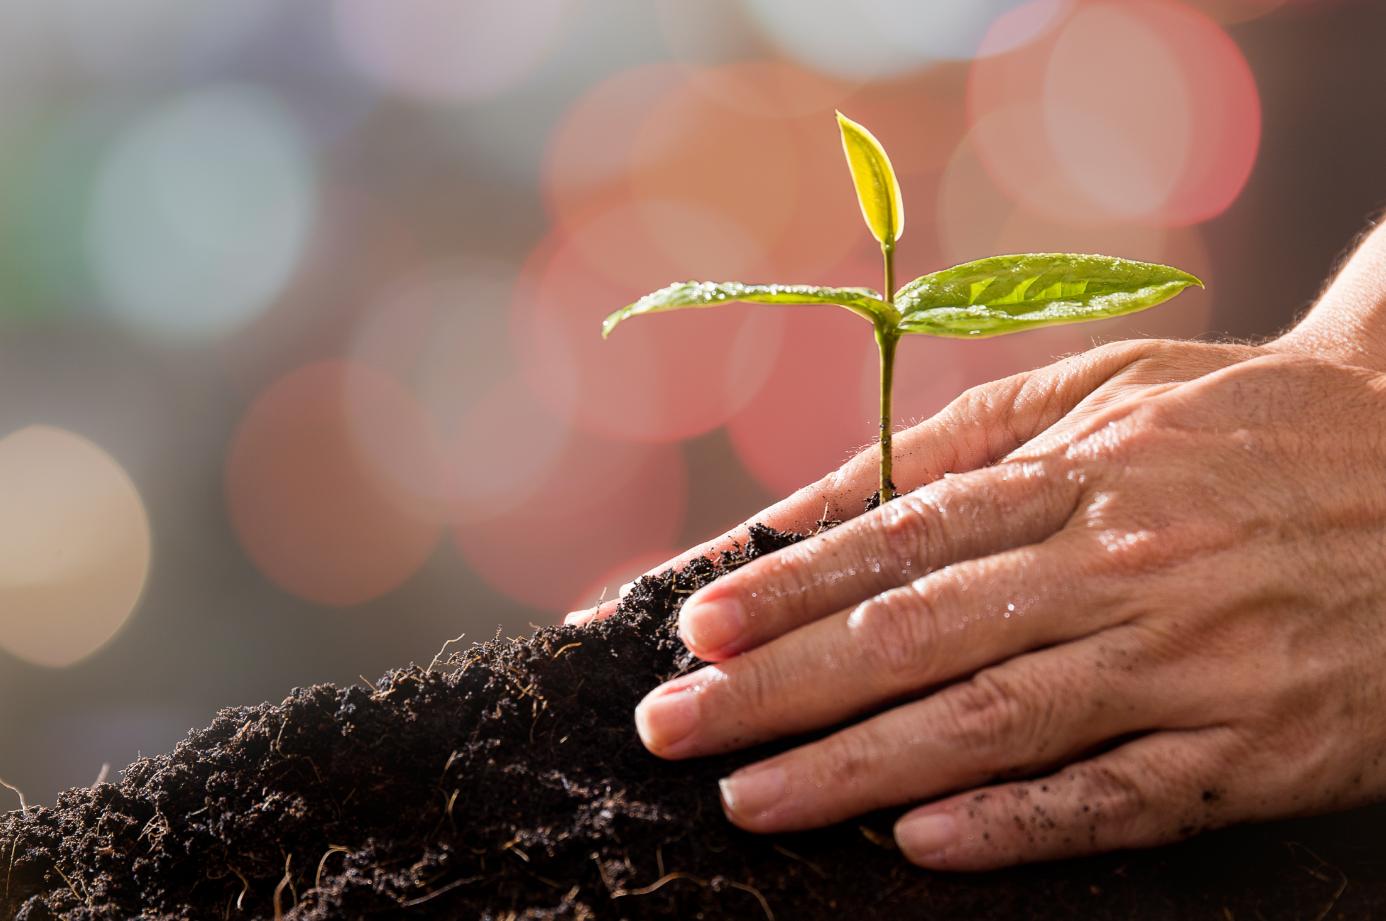 Læs om natur og miljø i Venstres principprogram.